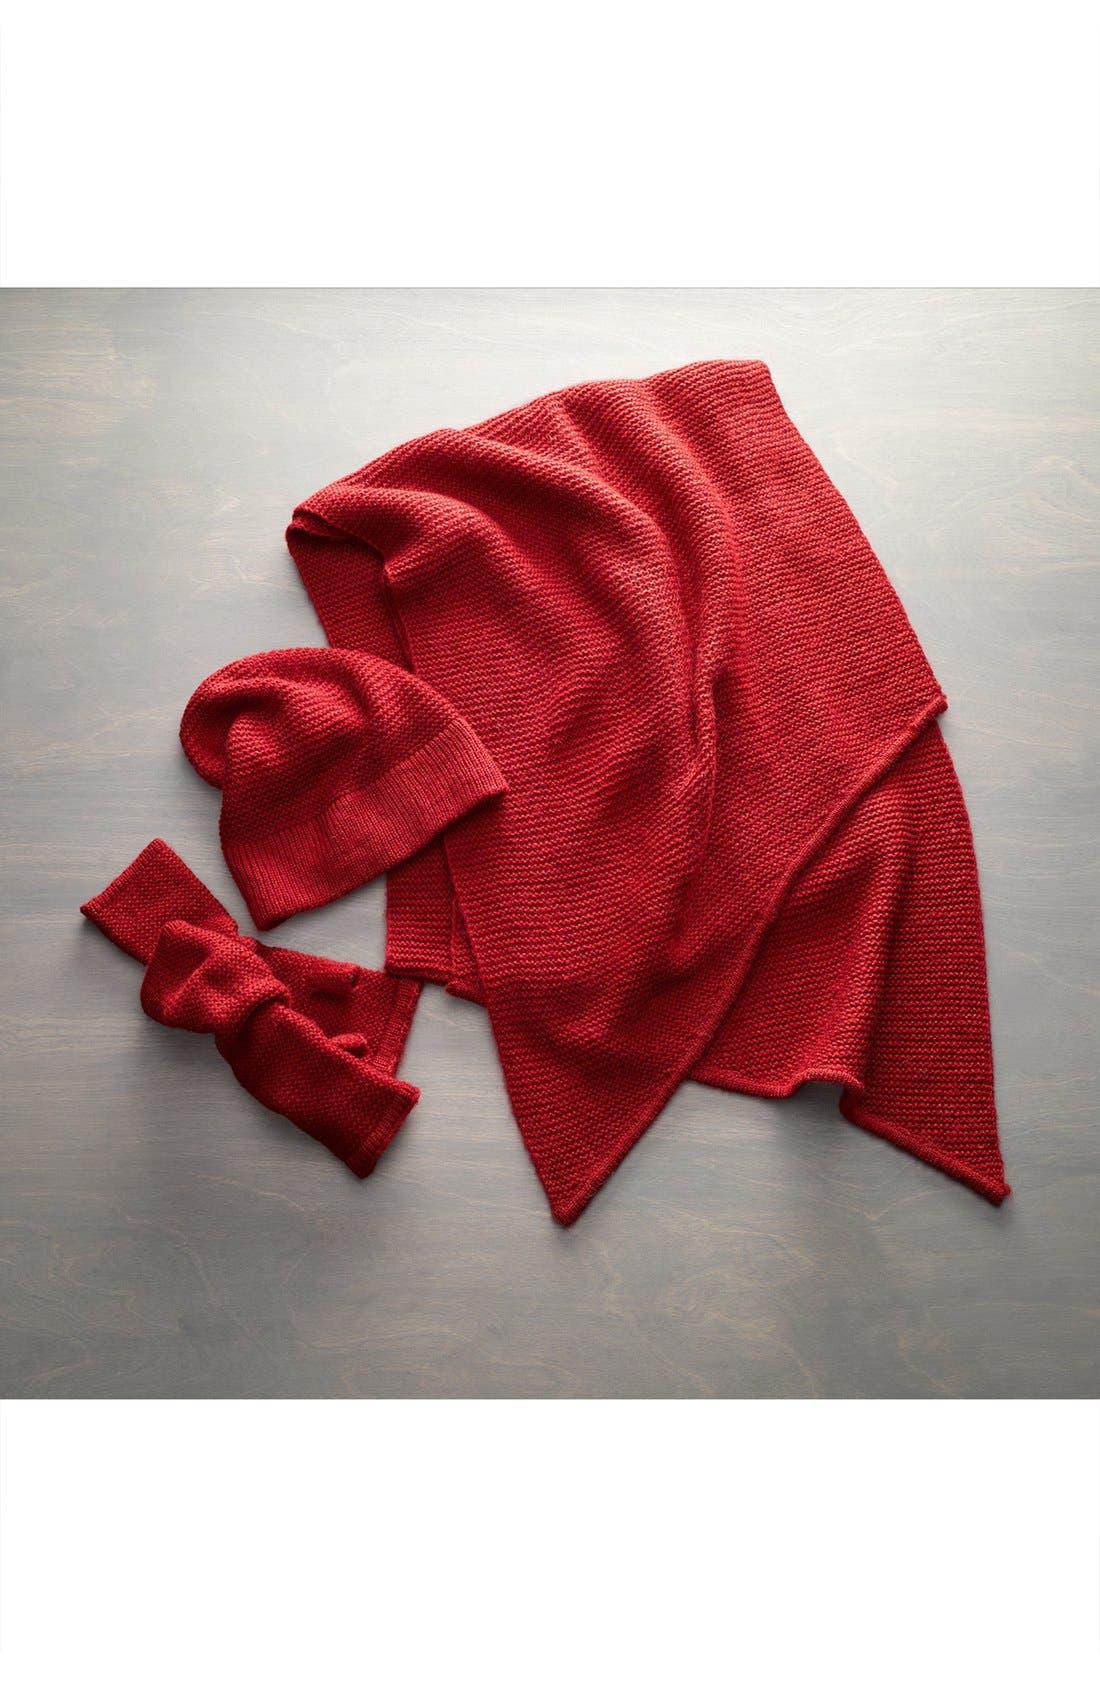 Garter Stitch Fingerless Gloves,                             Alternate thumbnail 3, color,